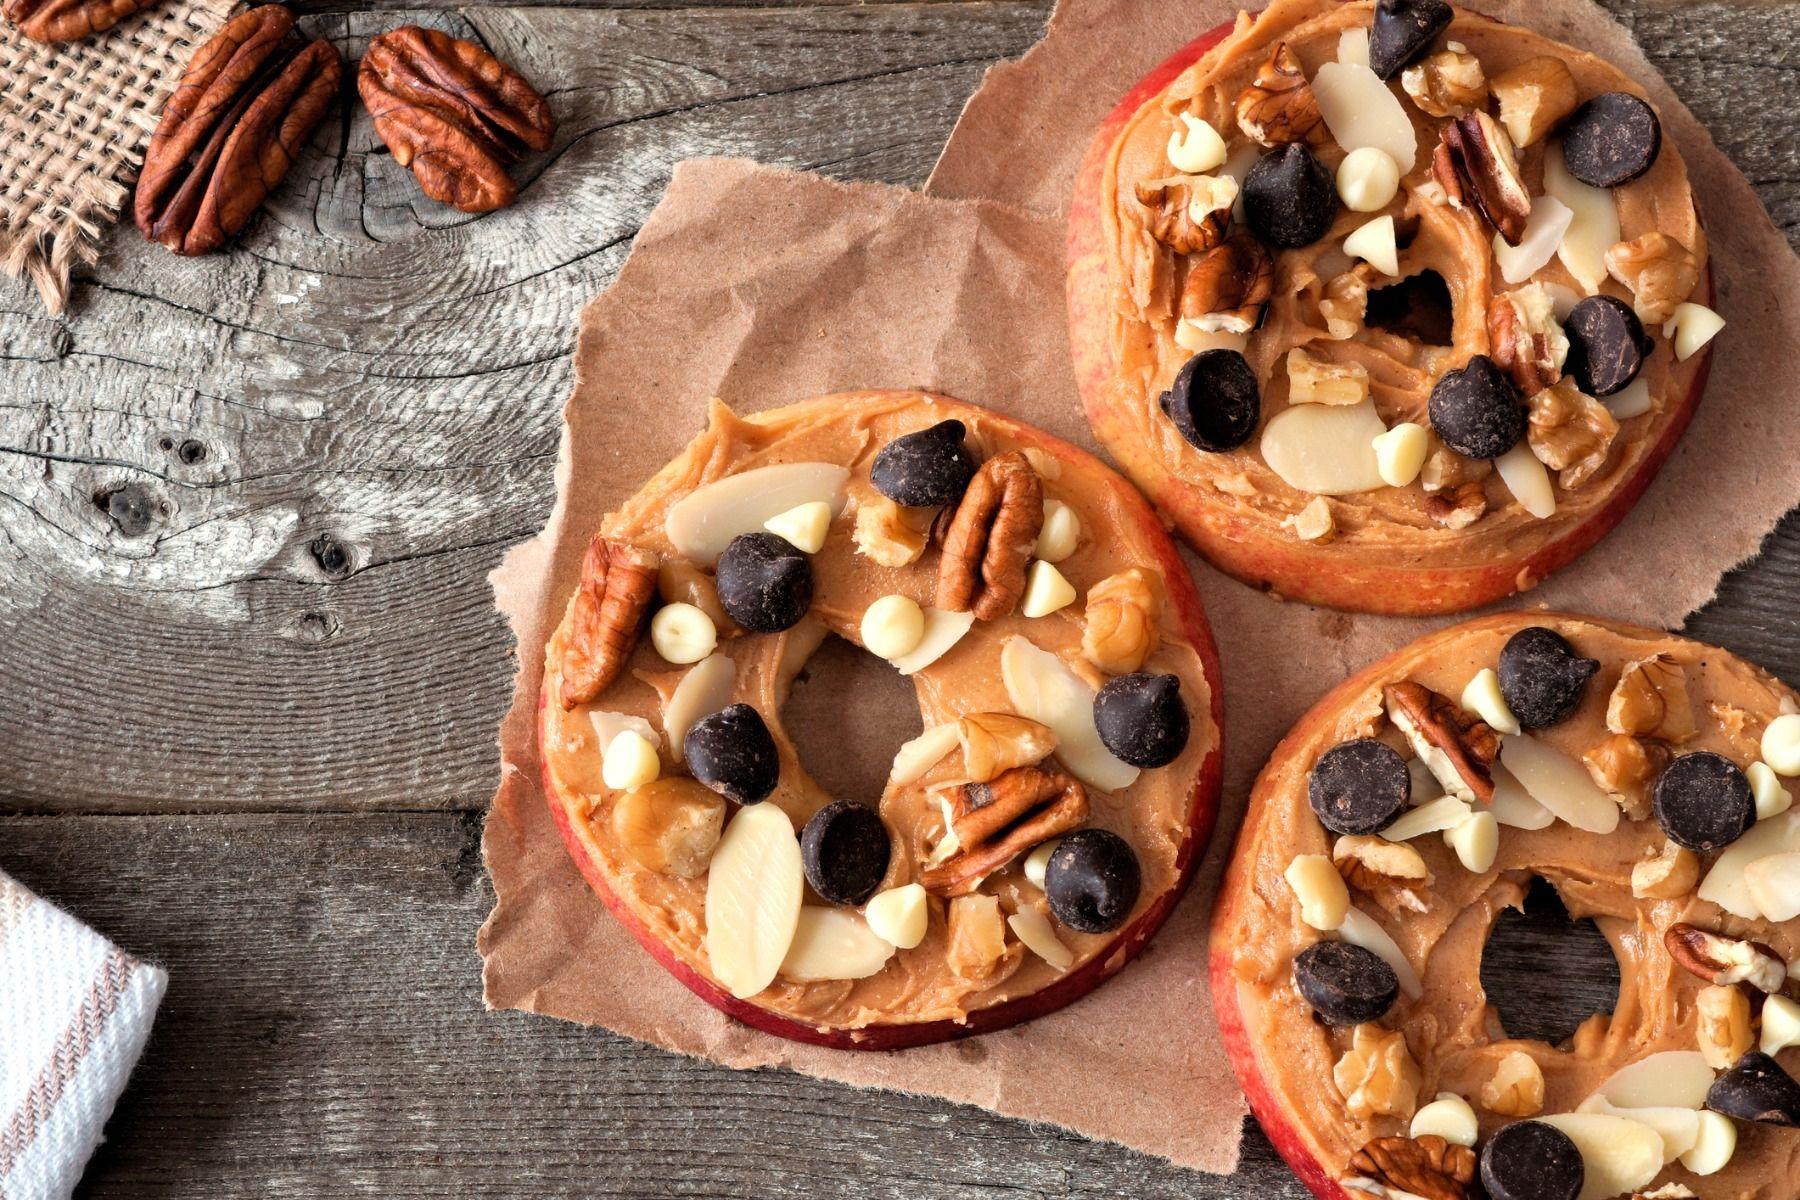 Top 10 snacks to get rid of sugar cravings